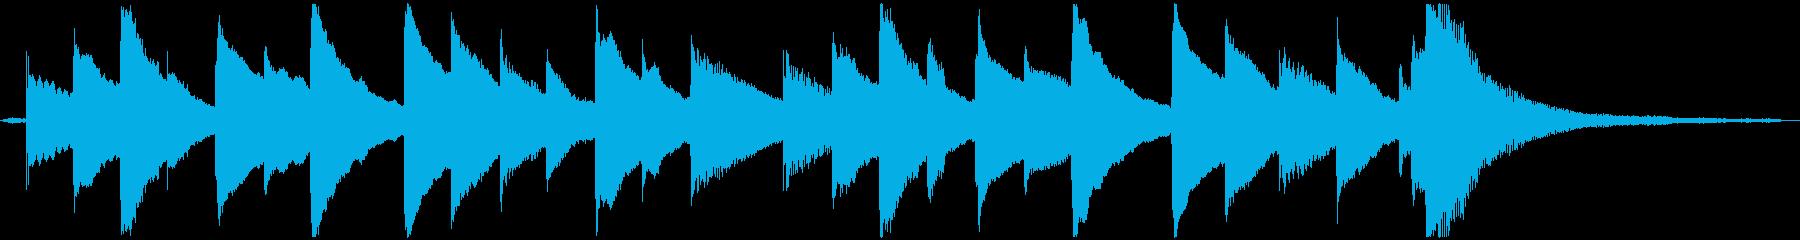 【オルゴール版】物悲しいチップチューンの再生済みの波形